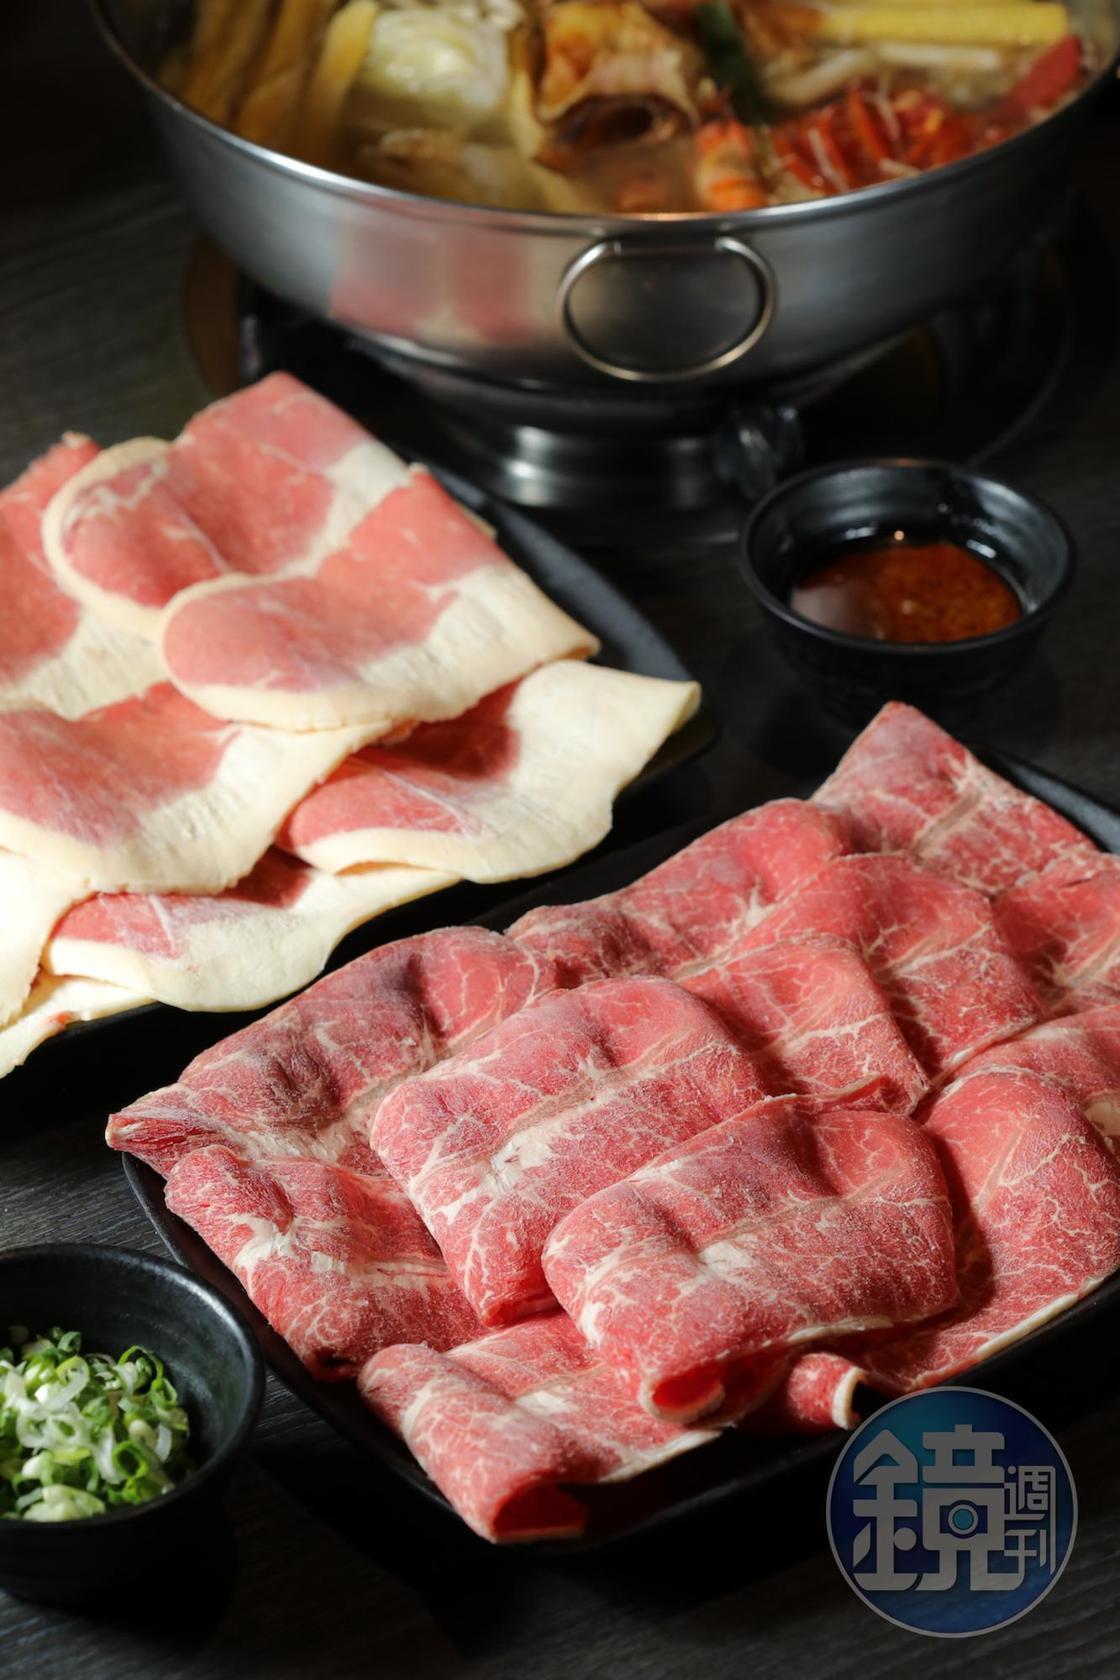 「金門板腱牛」(右,290元/份)肉香飽滿卻無腥騷;來自桃園的「台灣肥牛」(左,260元/份)越嚼越甜。(圖中份量皆為2份)